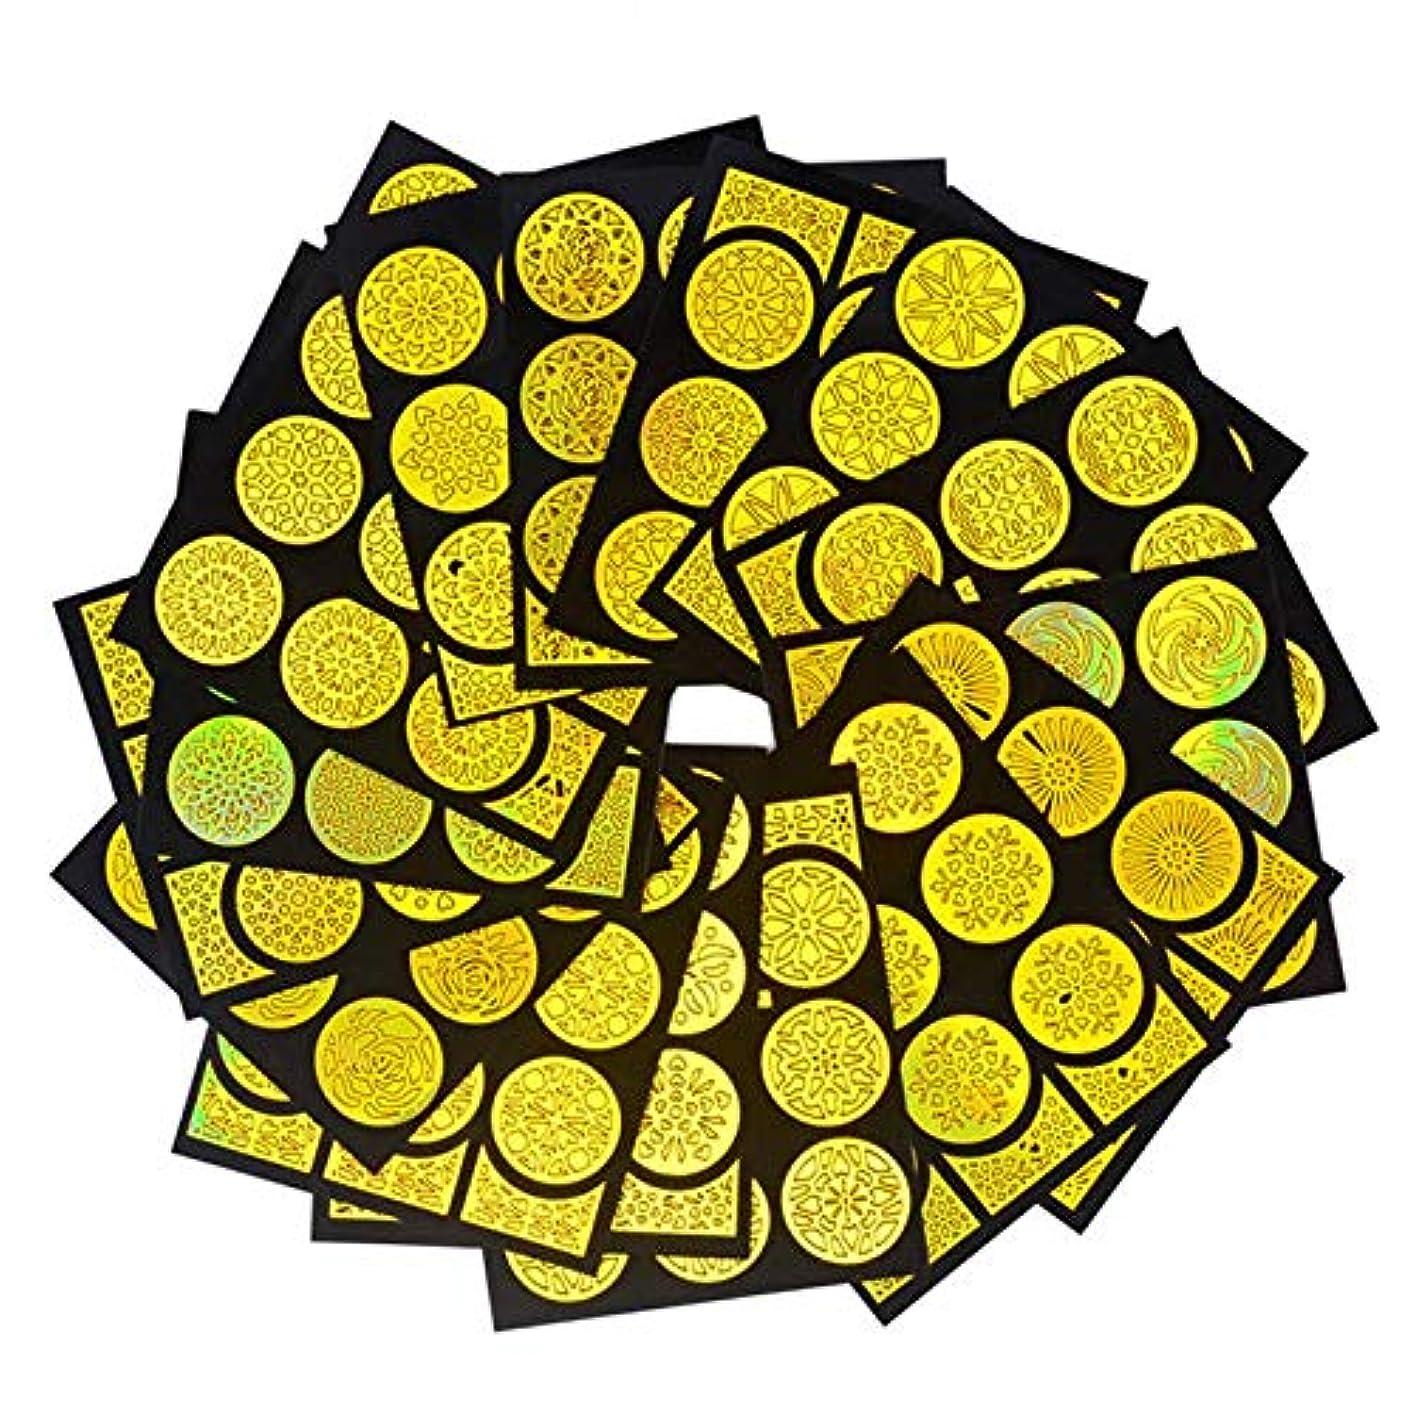 会計金属膨らませるSUKTI&XIAO ネイルステッカー 20枚不規則なグリッドネイルアート中空レーザーゴールデンテンプレートステンシルステッカービニール画像ガイドマニキュア、20スタイル各1個